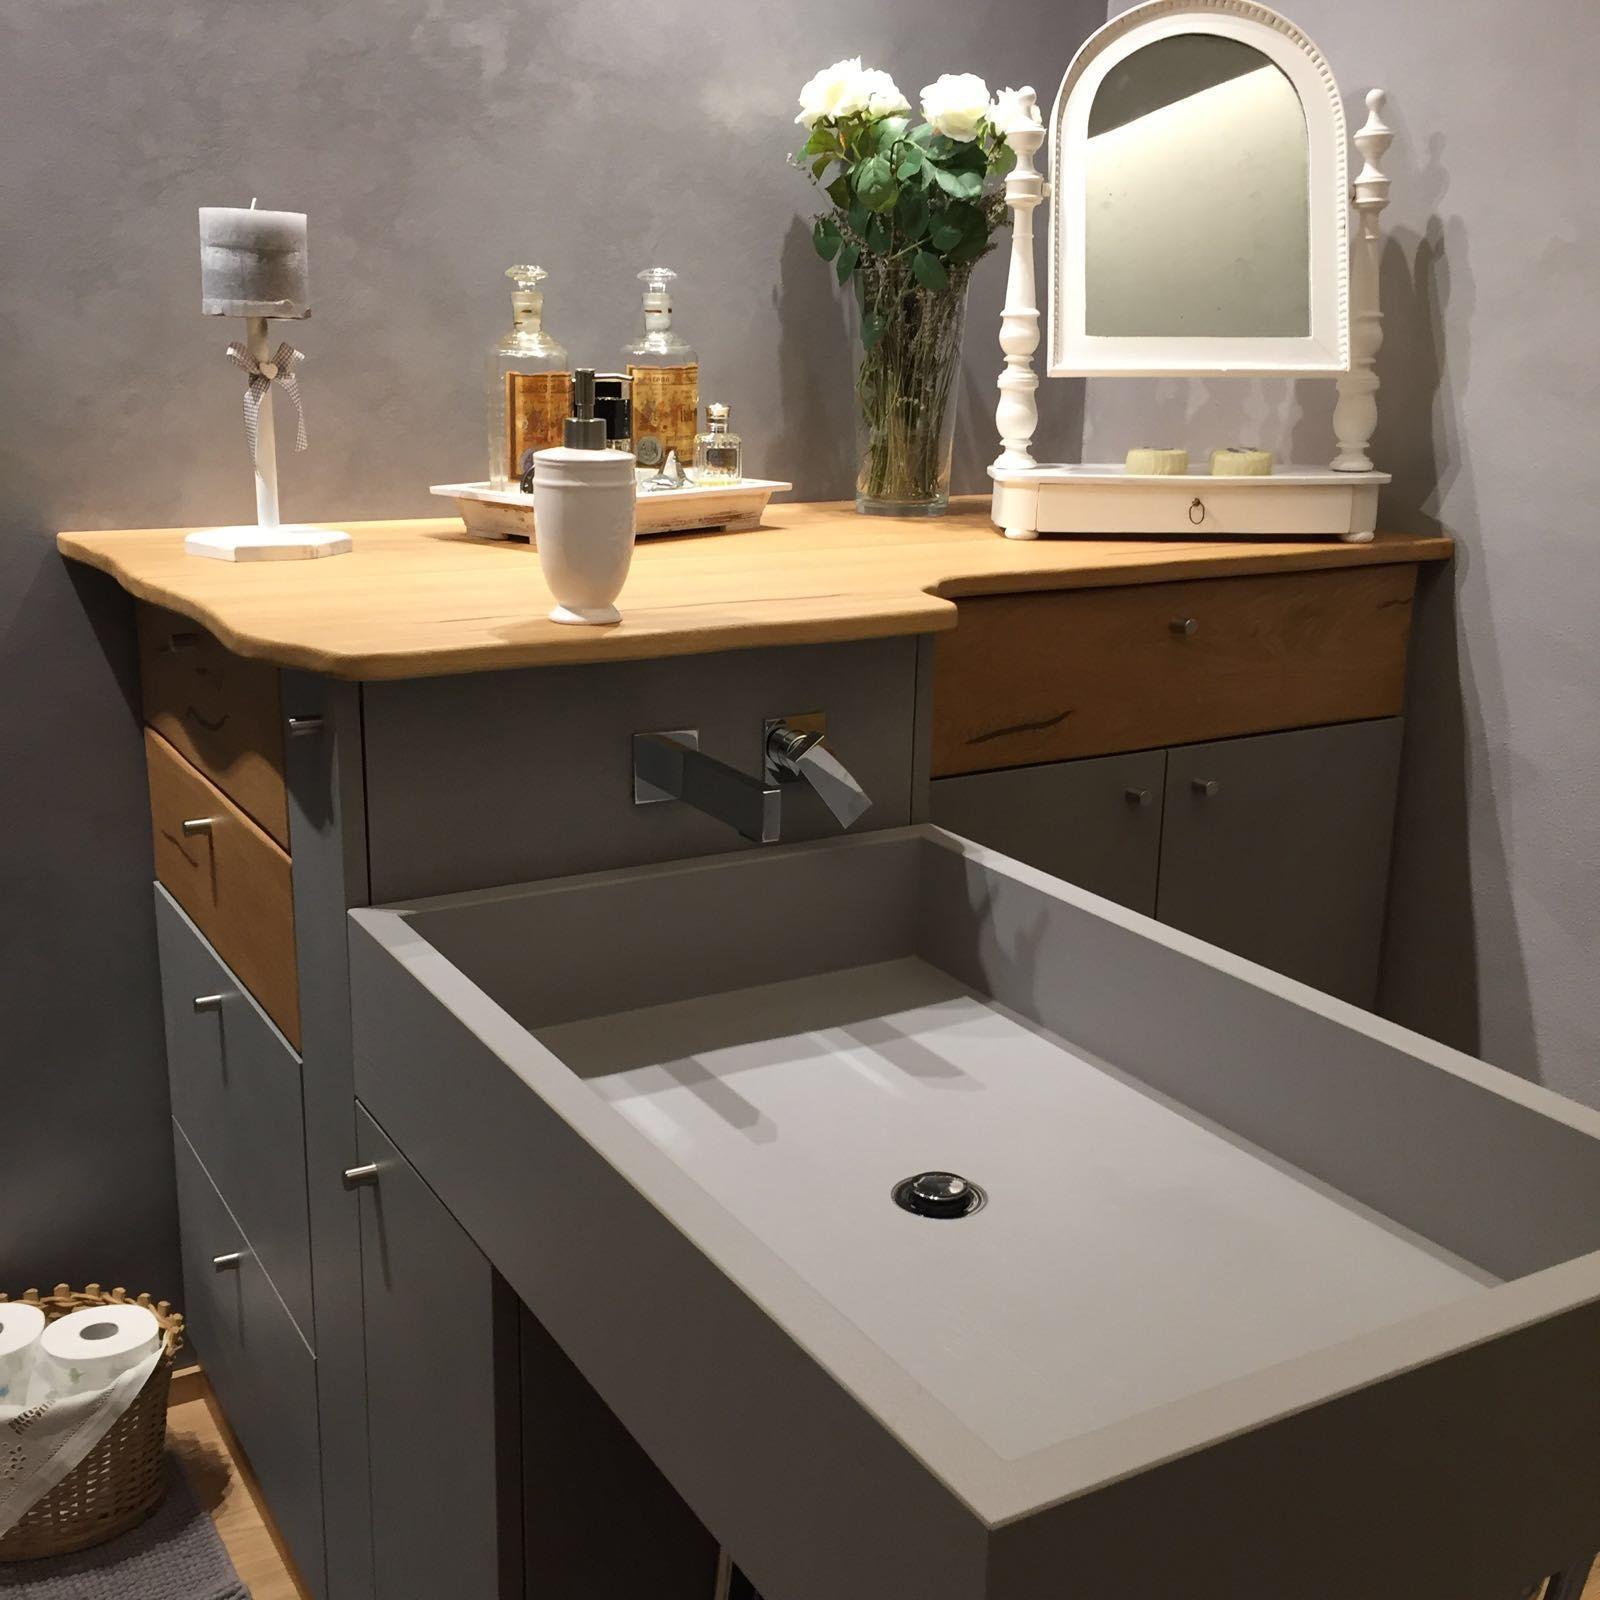 Mobile bagno angolare | Mobili bagno | Bagno e Mobili